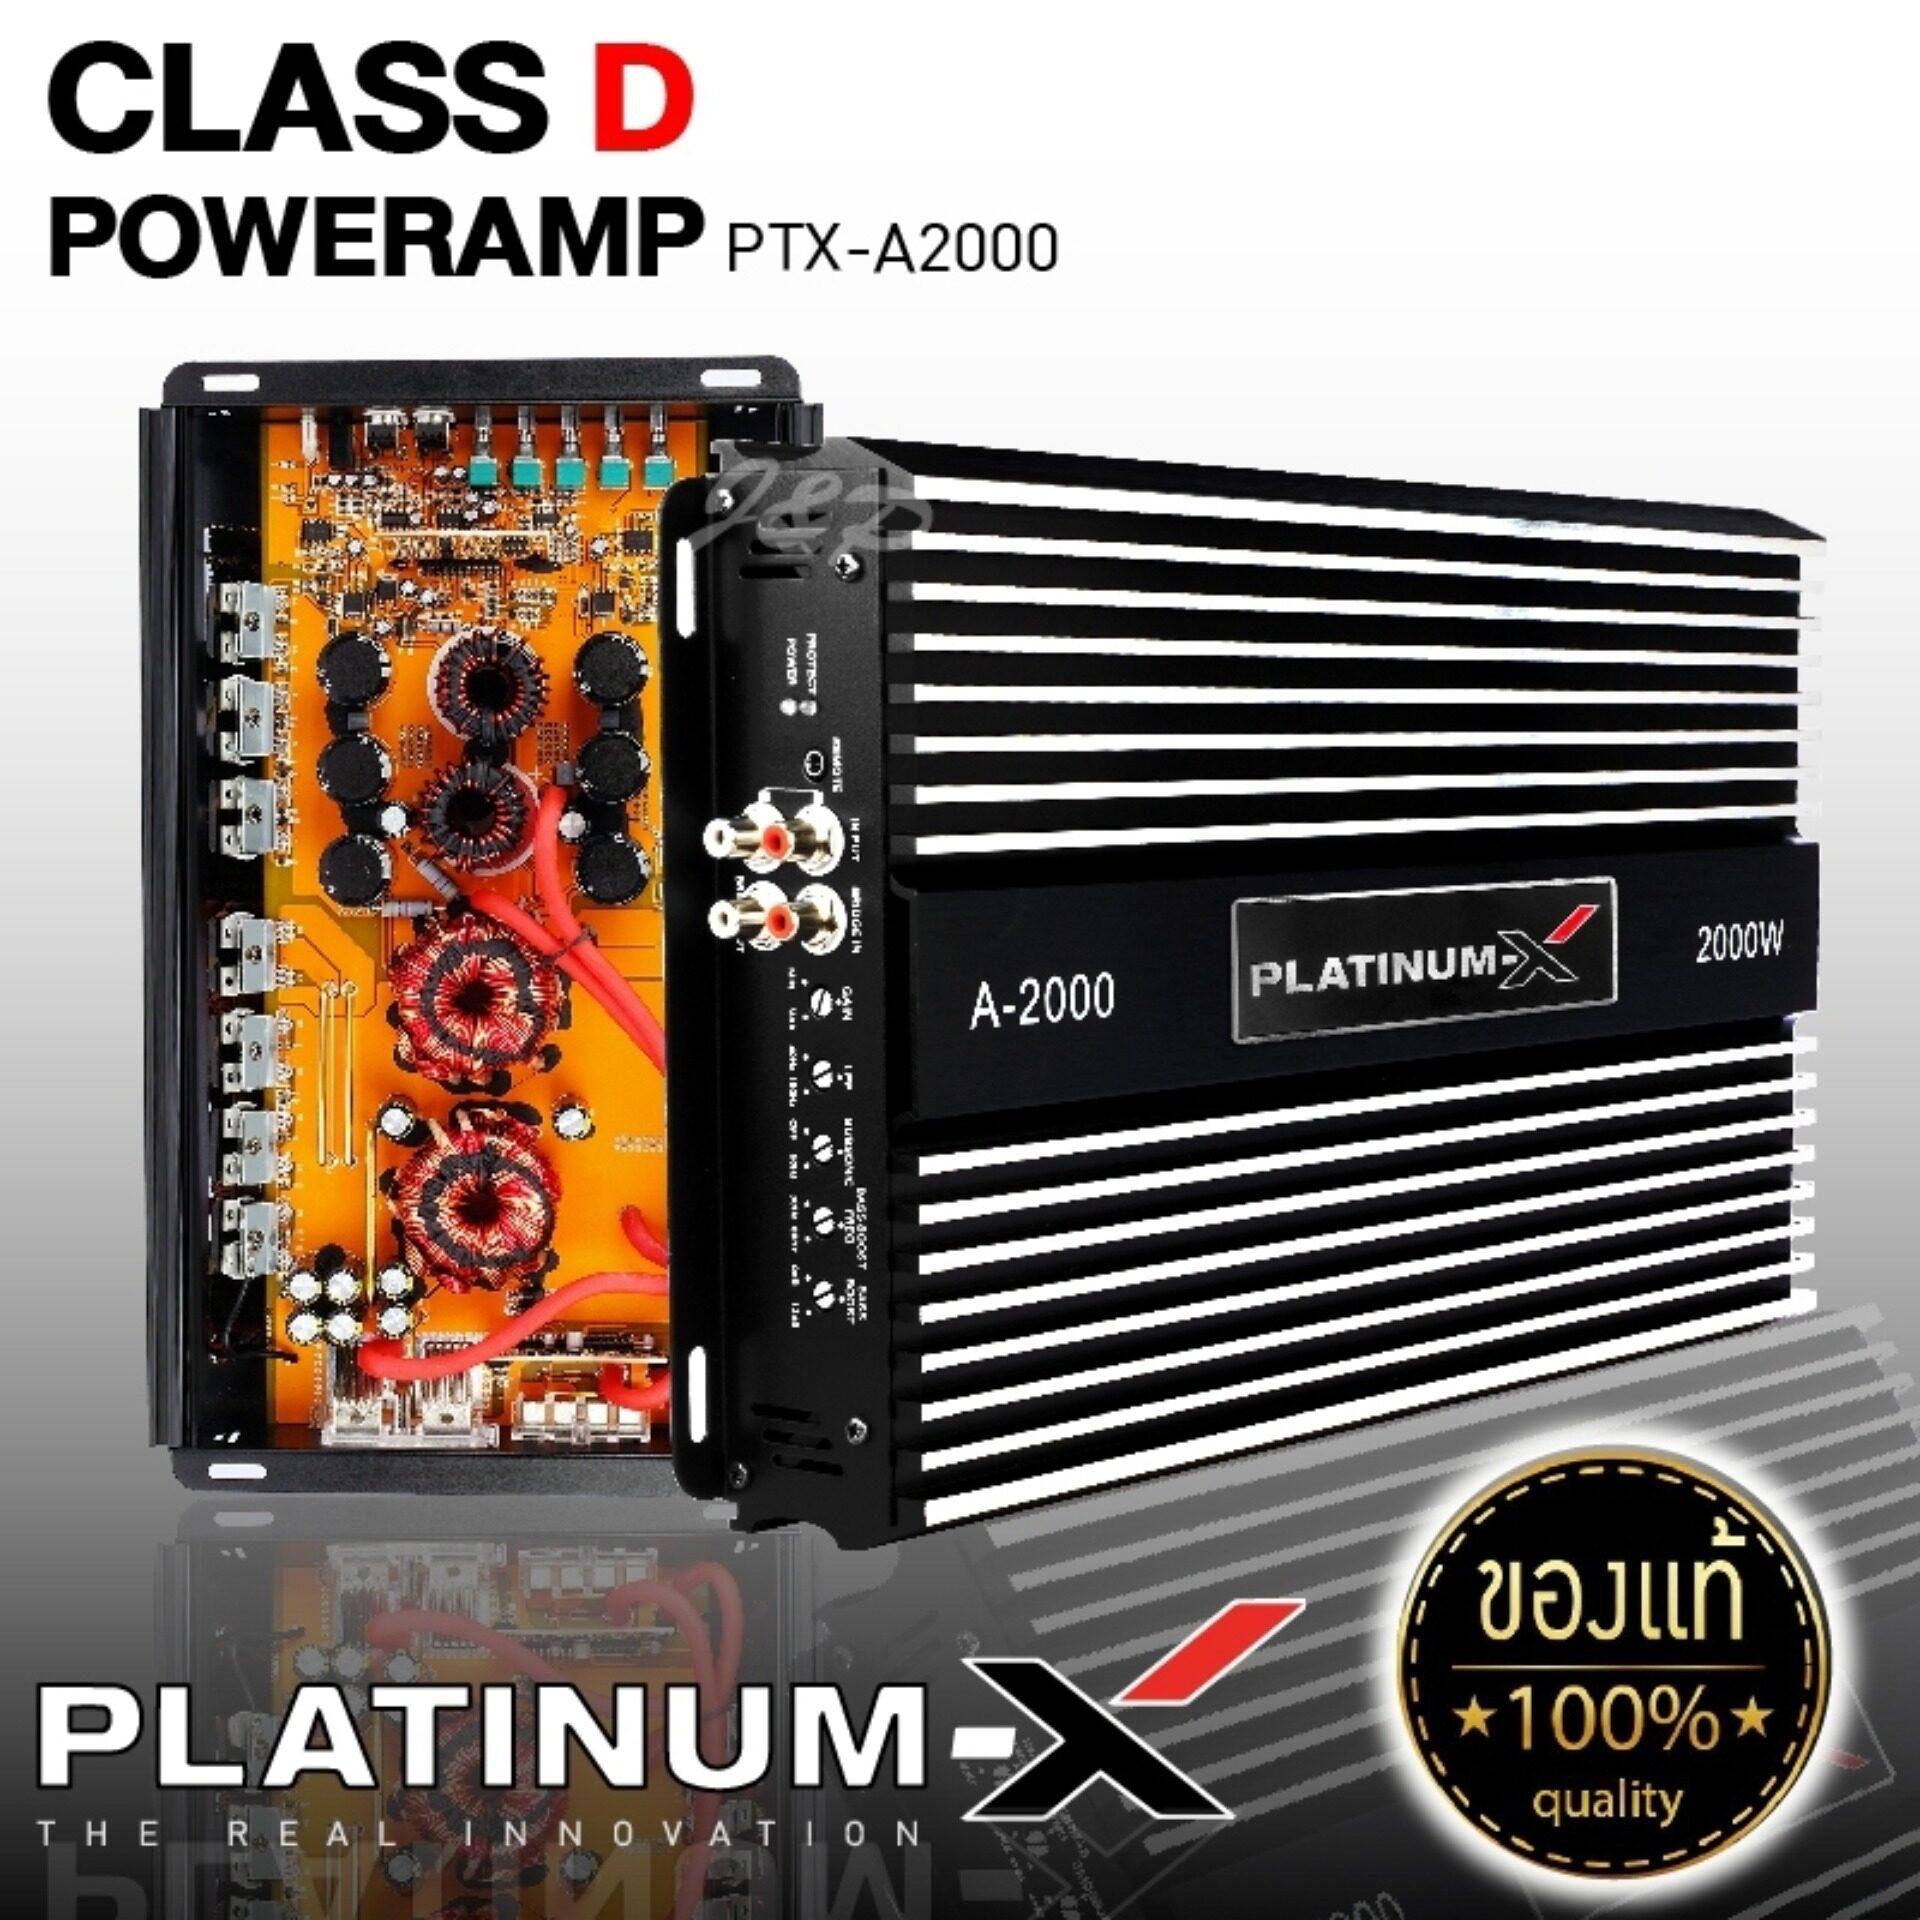 เพาเวอร์แอมป์ เพาเวอร์รถยนต์ เครื่องเสียงรถ Class D 2000w Platinumx A2000.